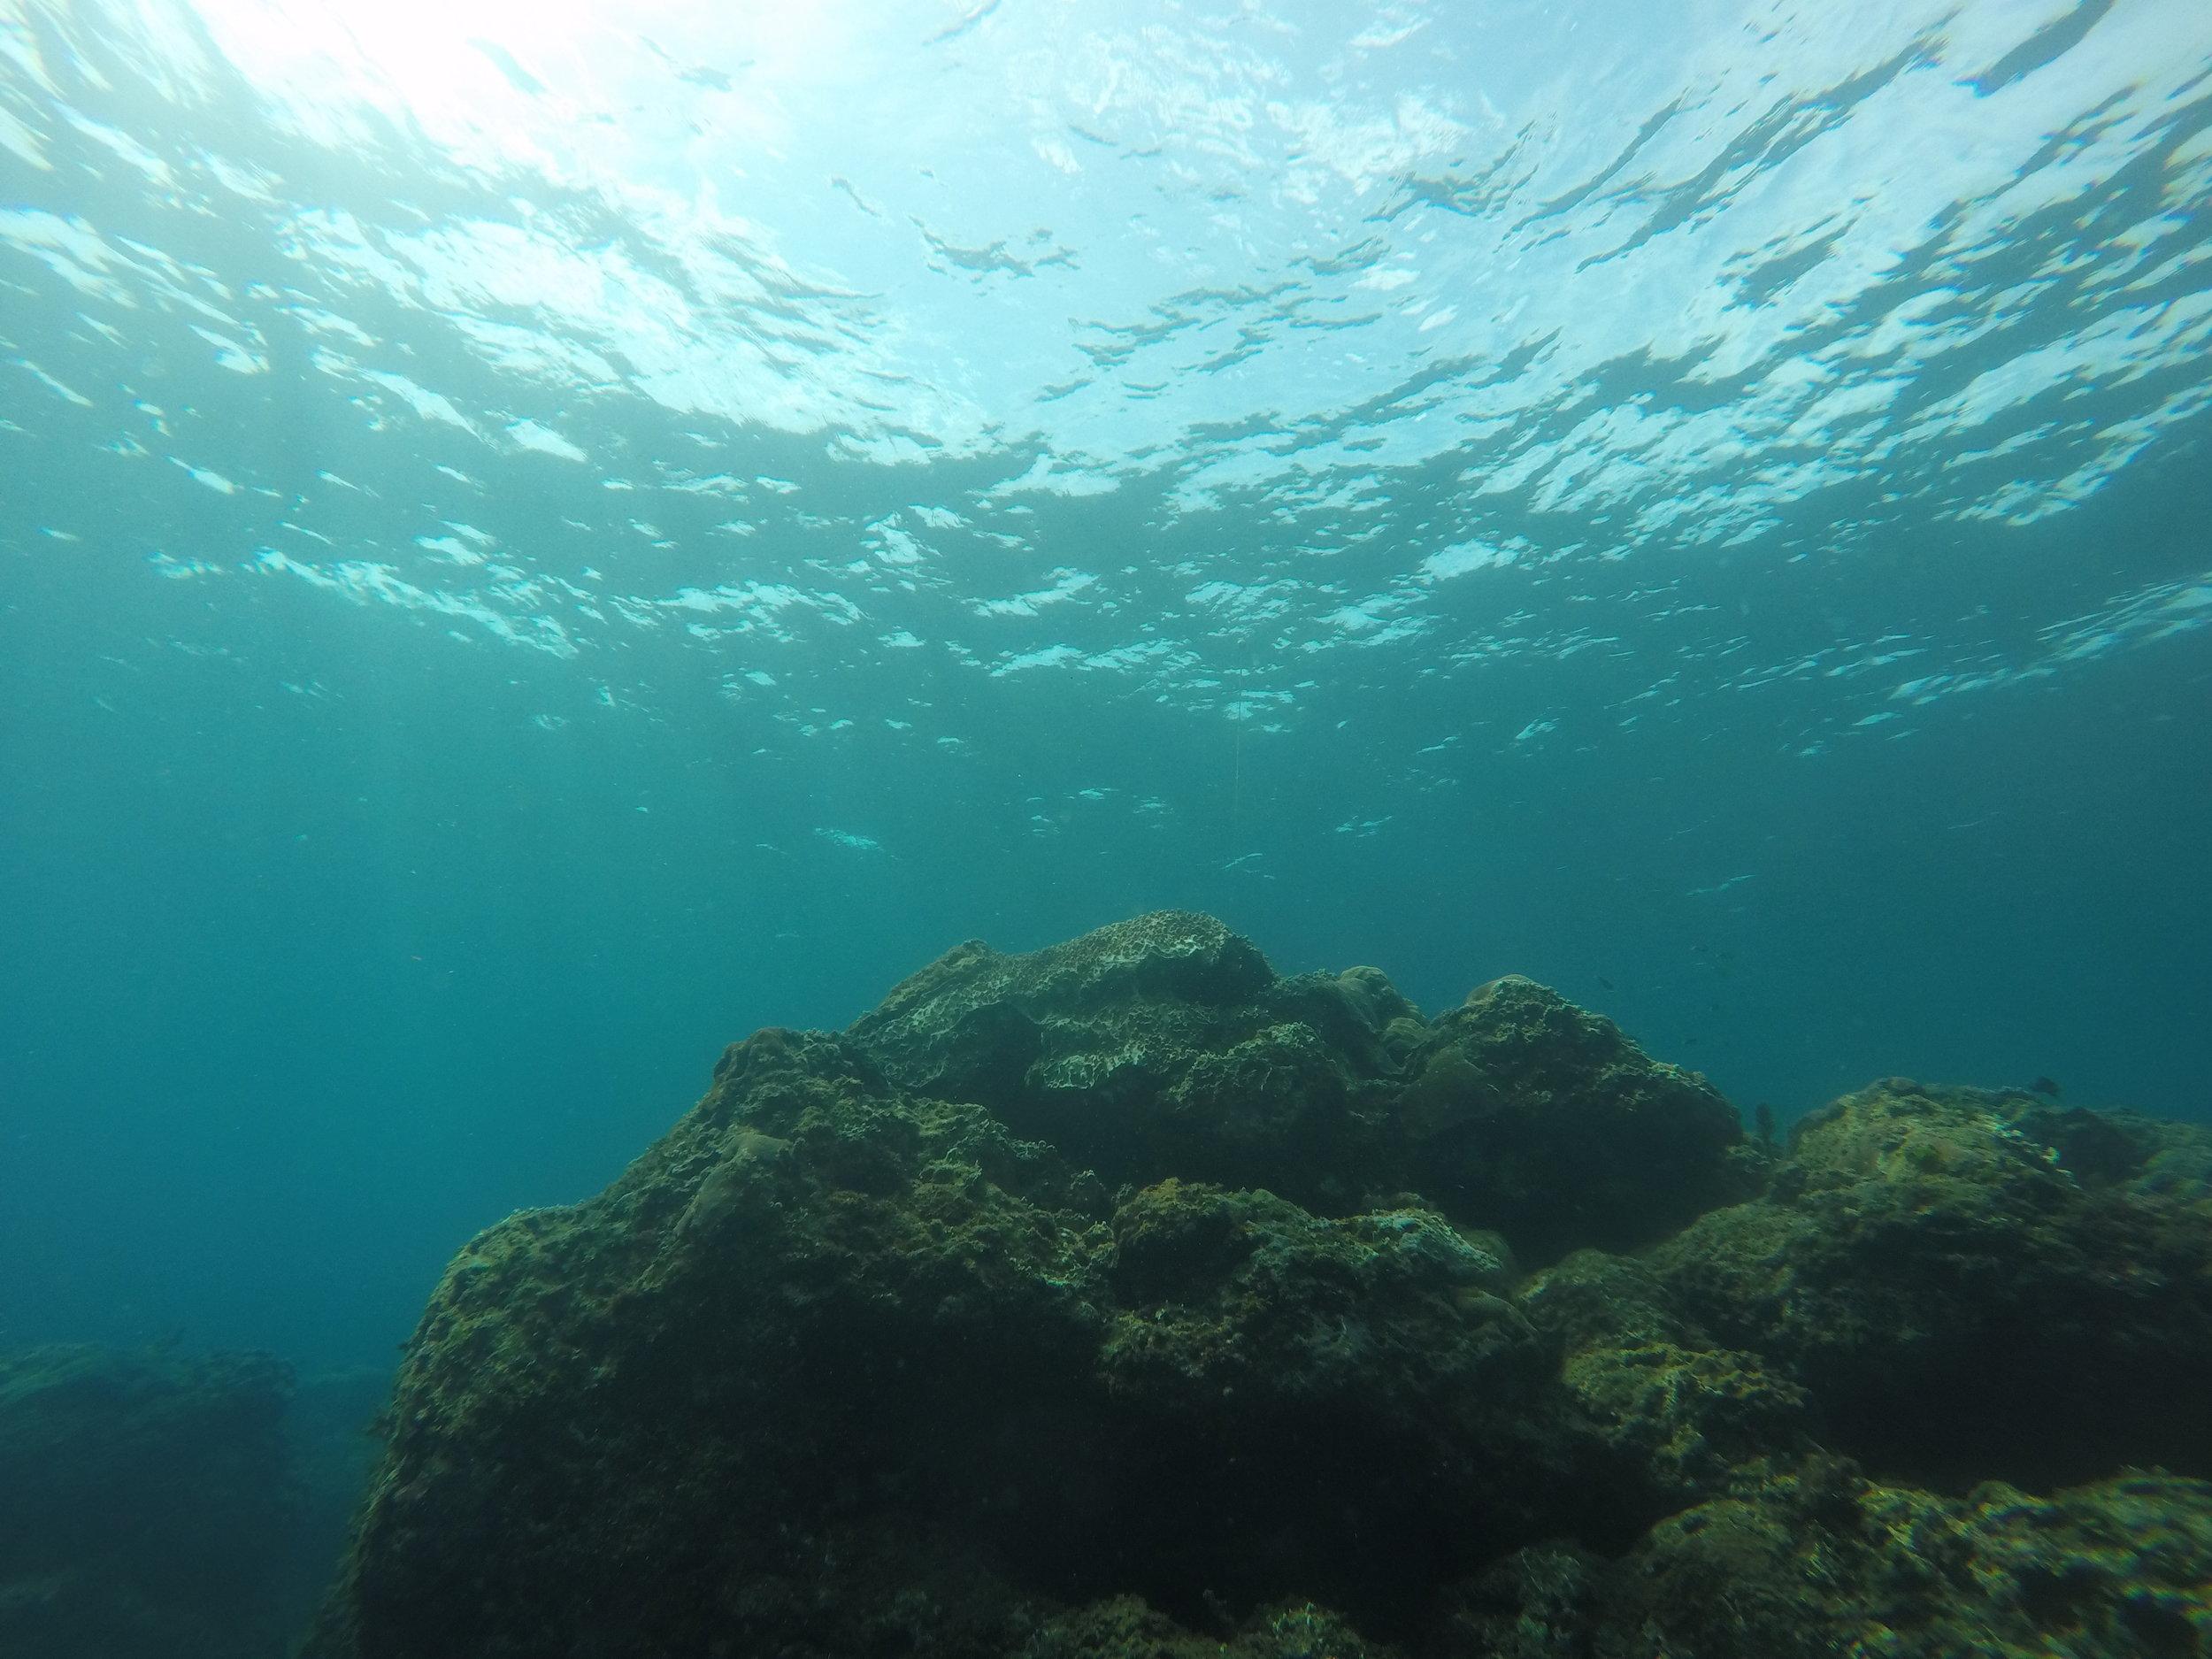 陽光映照的礁石,這次潛水發現珊瑚的狀況不太好...